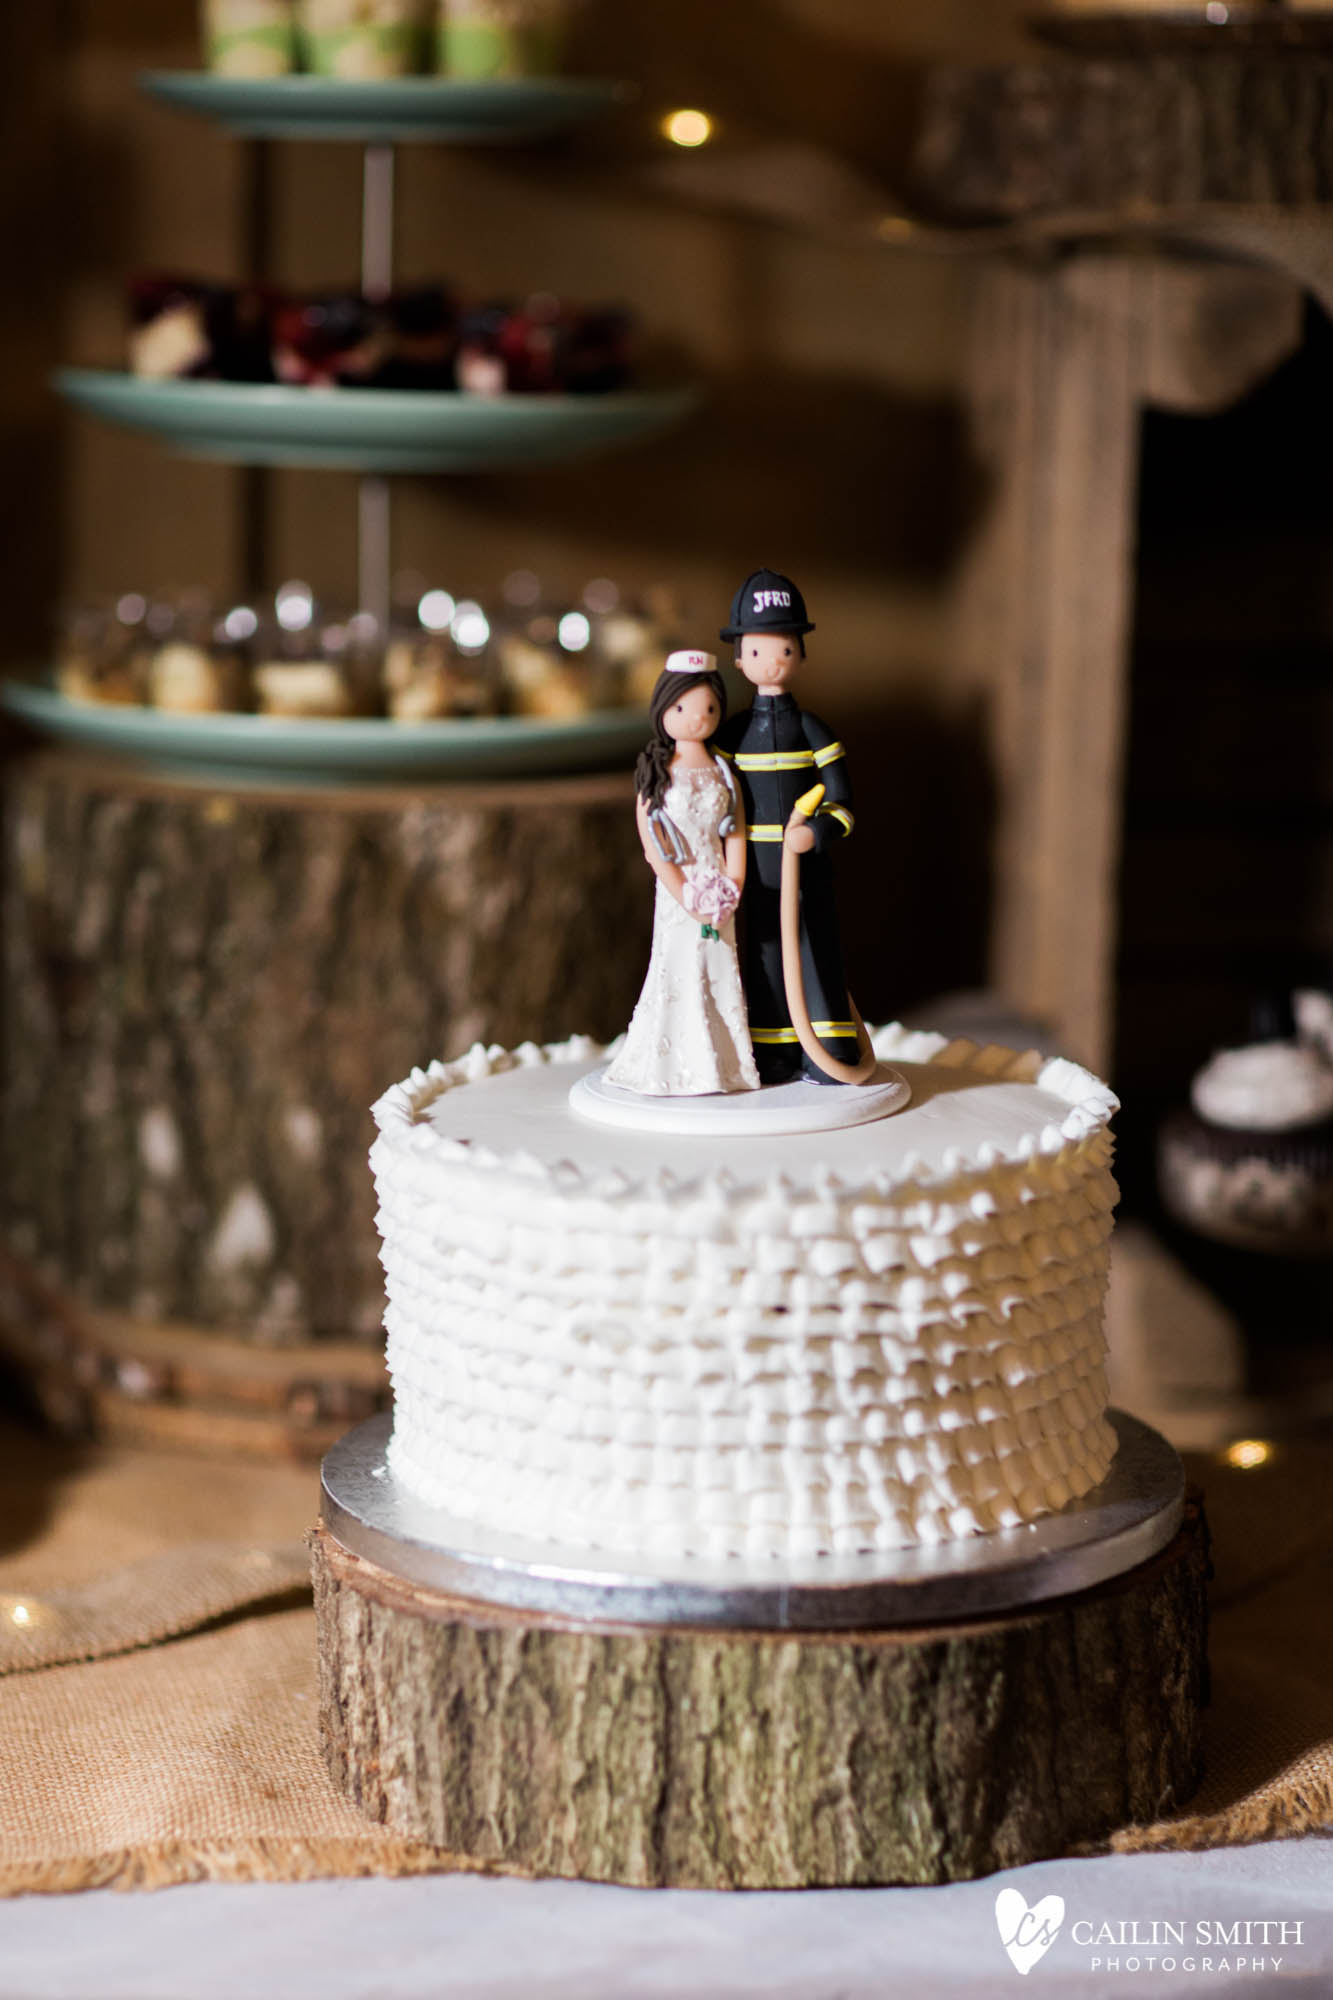 Bethany_Kyle_Bowing_Oaks_Plantation_Wedding_Photography_0100.jpg